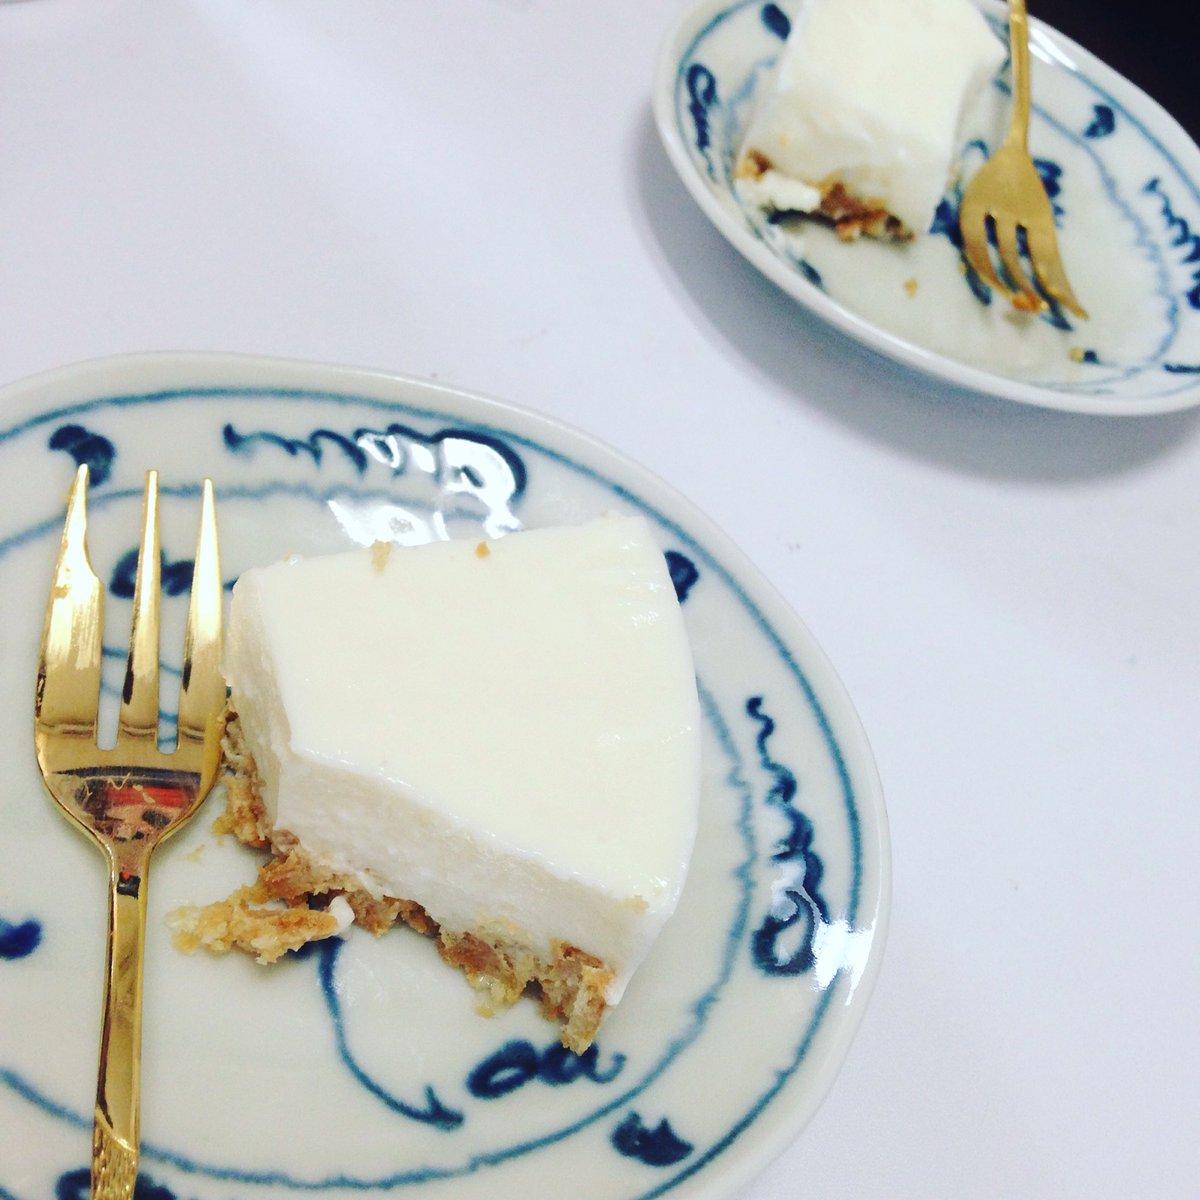 ヨーグルトのレアチーズケーキ ※15センチの型で作りました 牛乳150ccに砂糖100gとゼラチン5gを入れ沸騰させないように溶かし混ぜる、粗熱をとりレモン汁大1と水切りヨーグルト200gと混ぜて6時間程度冷蔵庫へ